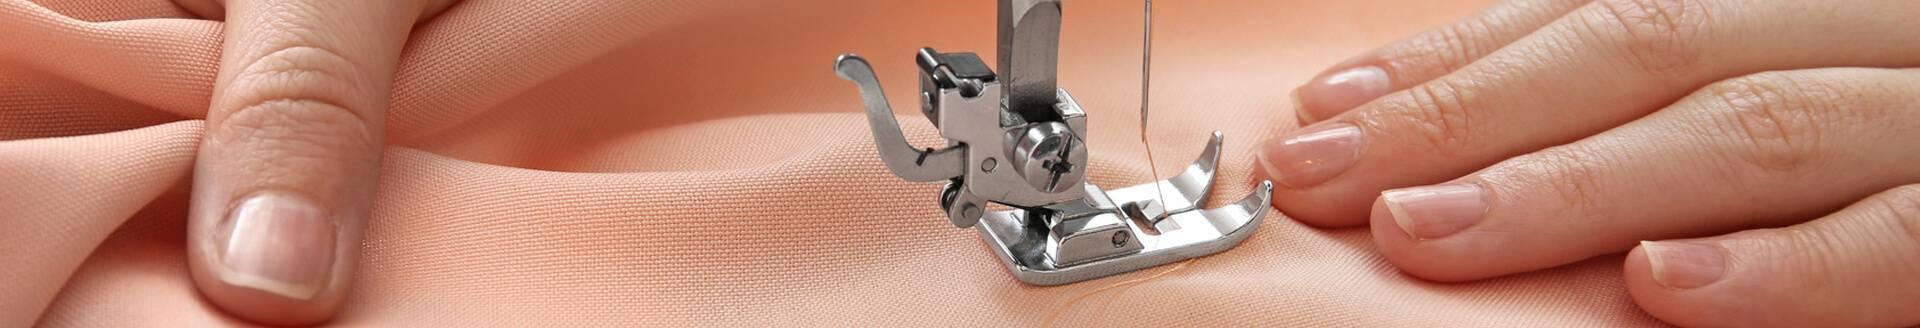 Venta de máquinas de coser domésticas e industriales